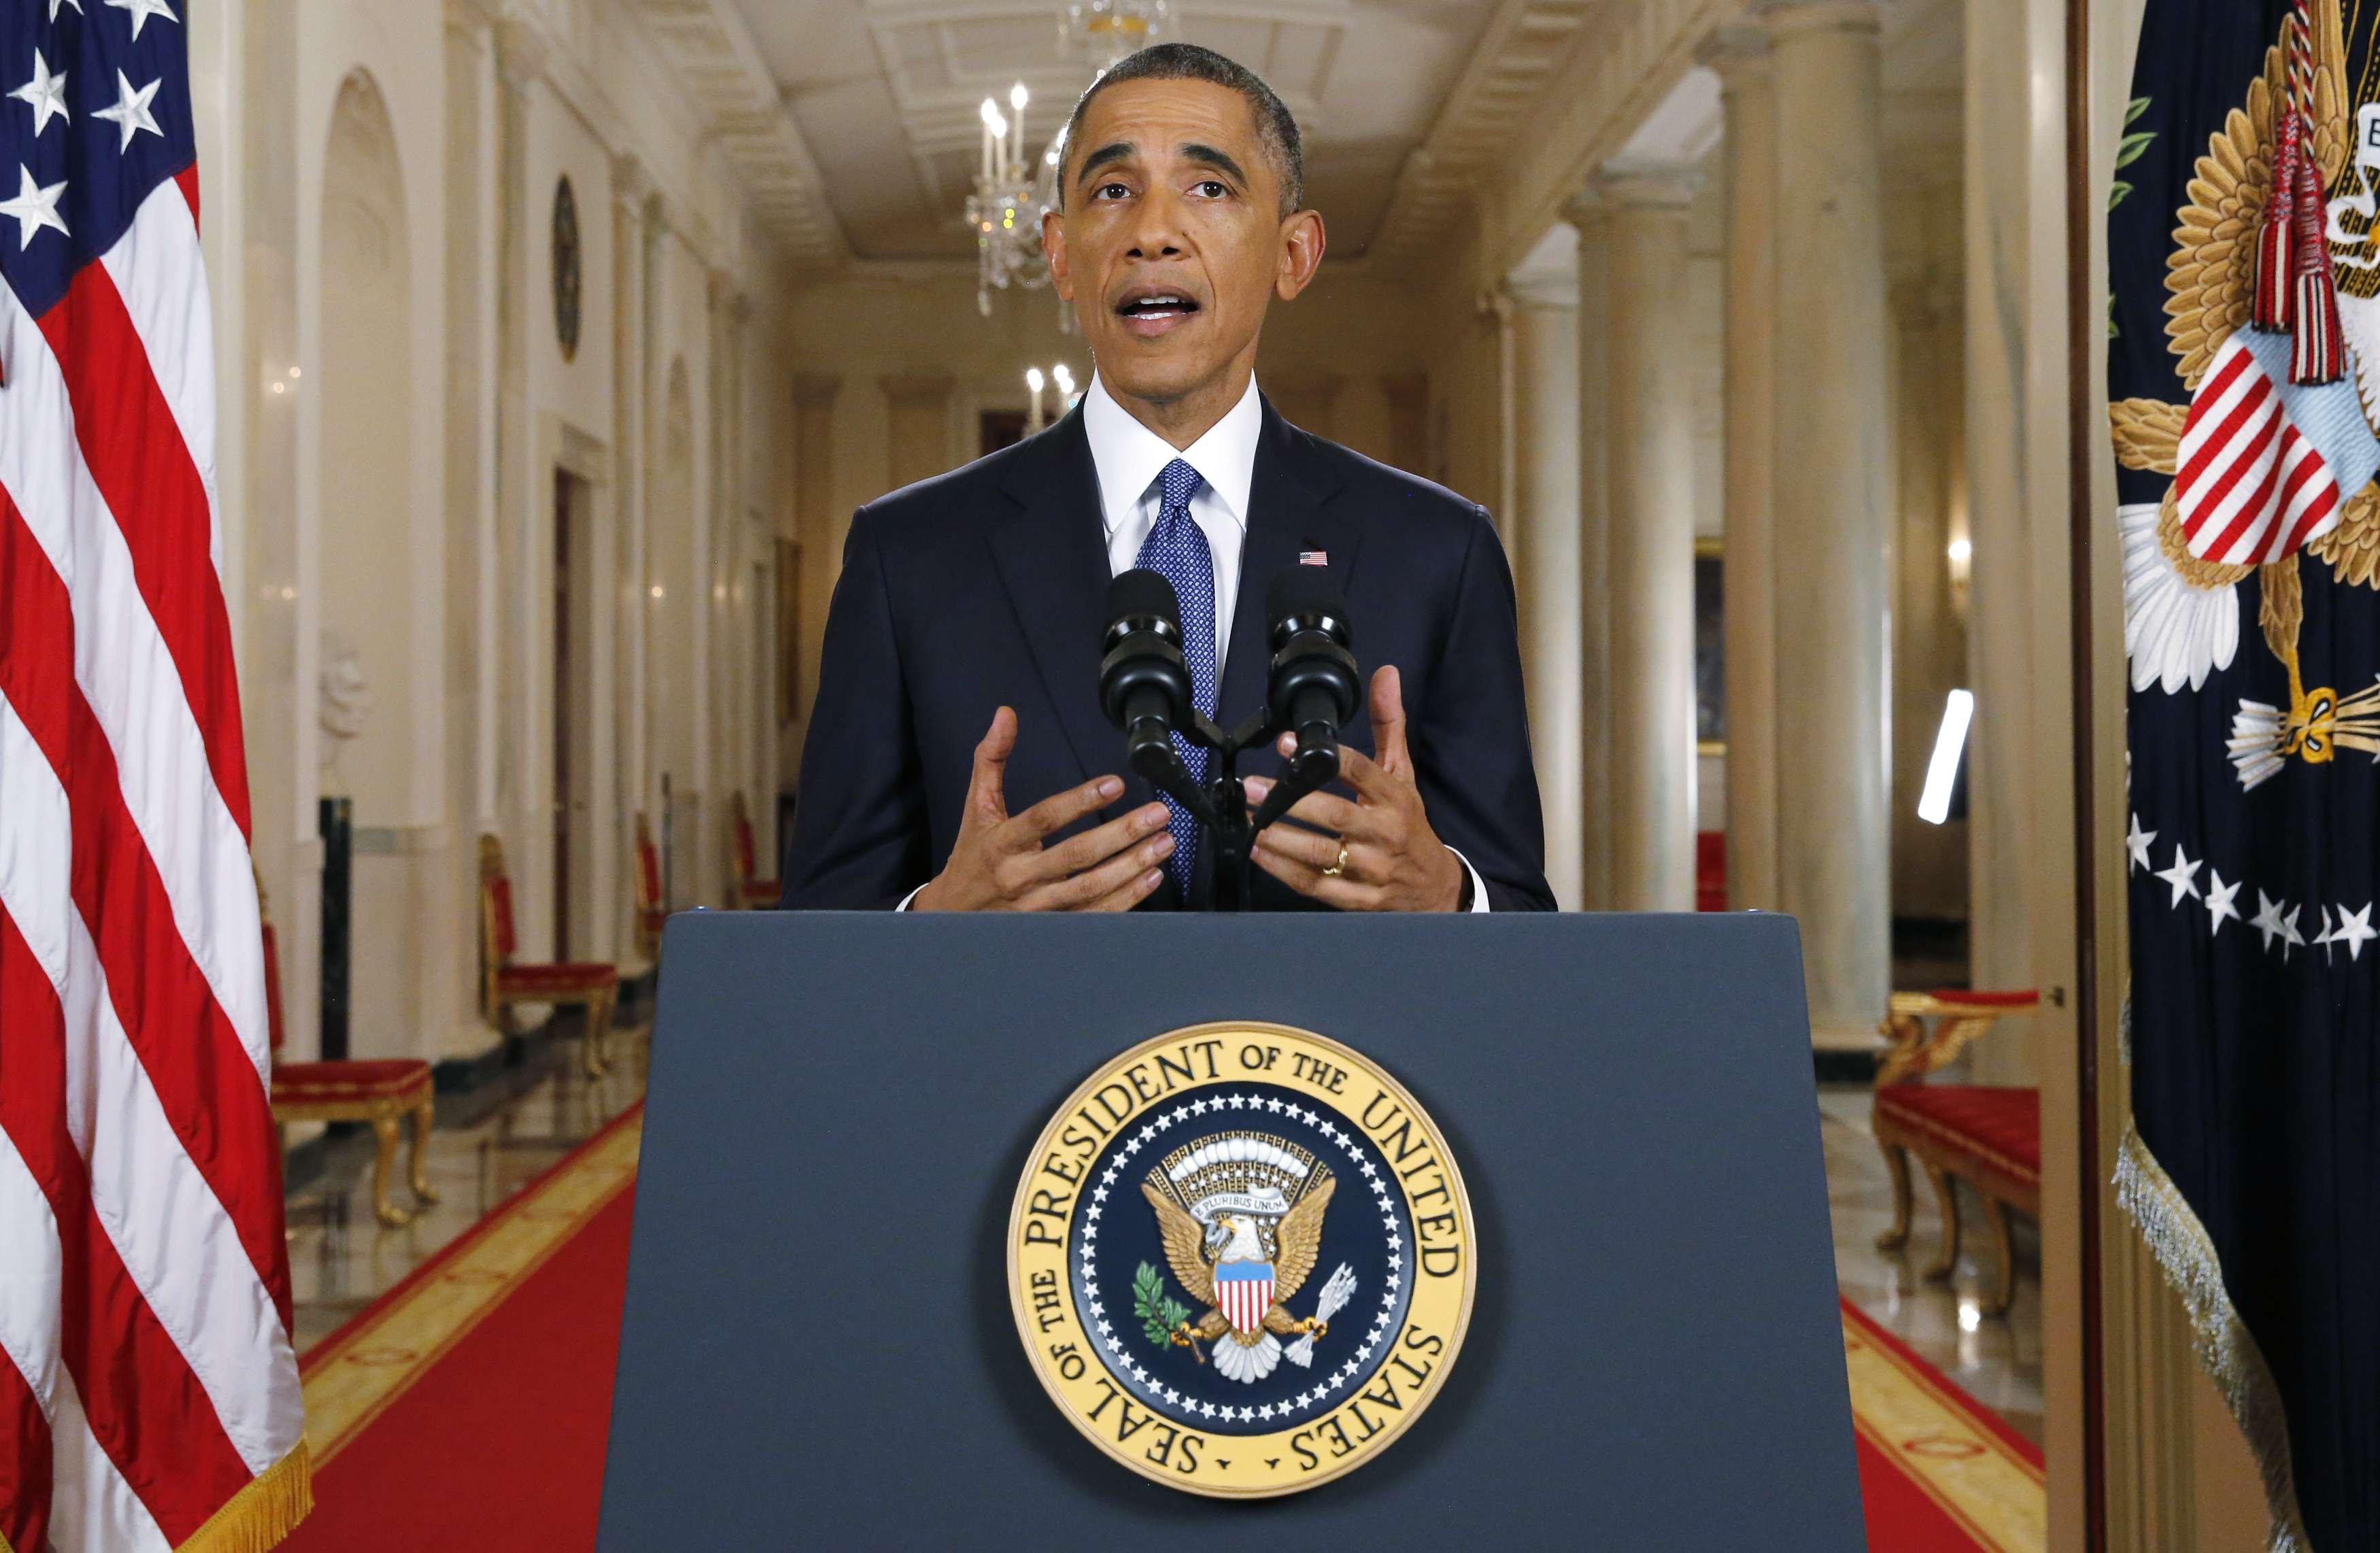 Las Acciones Ejecutivas de Responsabilidad por la Inmigración del Presidente de EU, Barack Obama, ayudarán a asegurar la frontera, hacer responsables a cerca de 5 millones de inmigrantes indocumentados, y asegurarse de que todos se rijan por las mismas reglas. Actuando dentro de su autoridad legal, el Presidente está dando un paso importante para arreglar nuestro sistema de inmigración. Foto: AFP en español